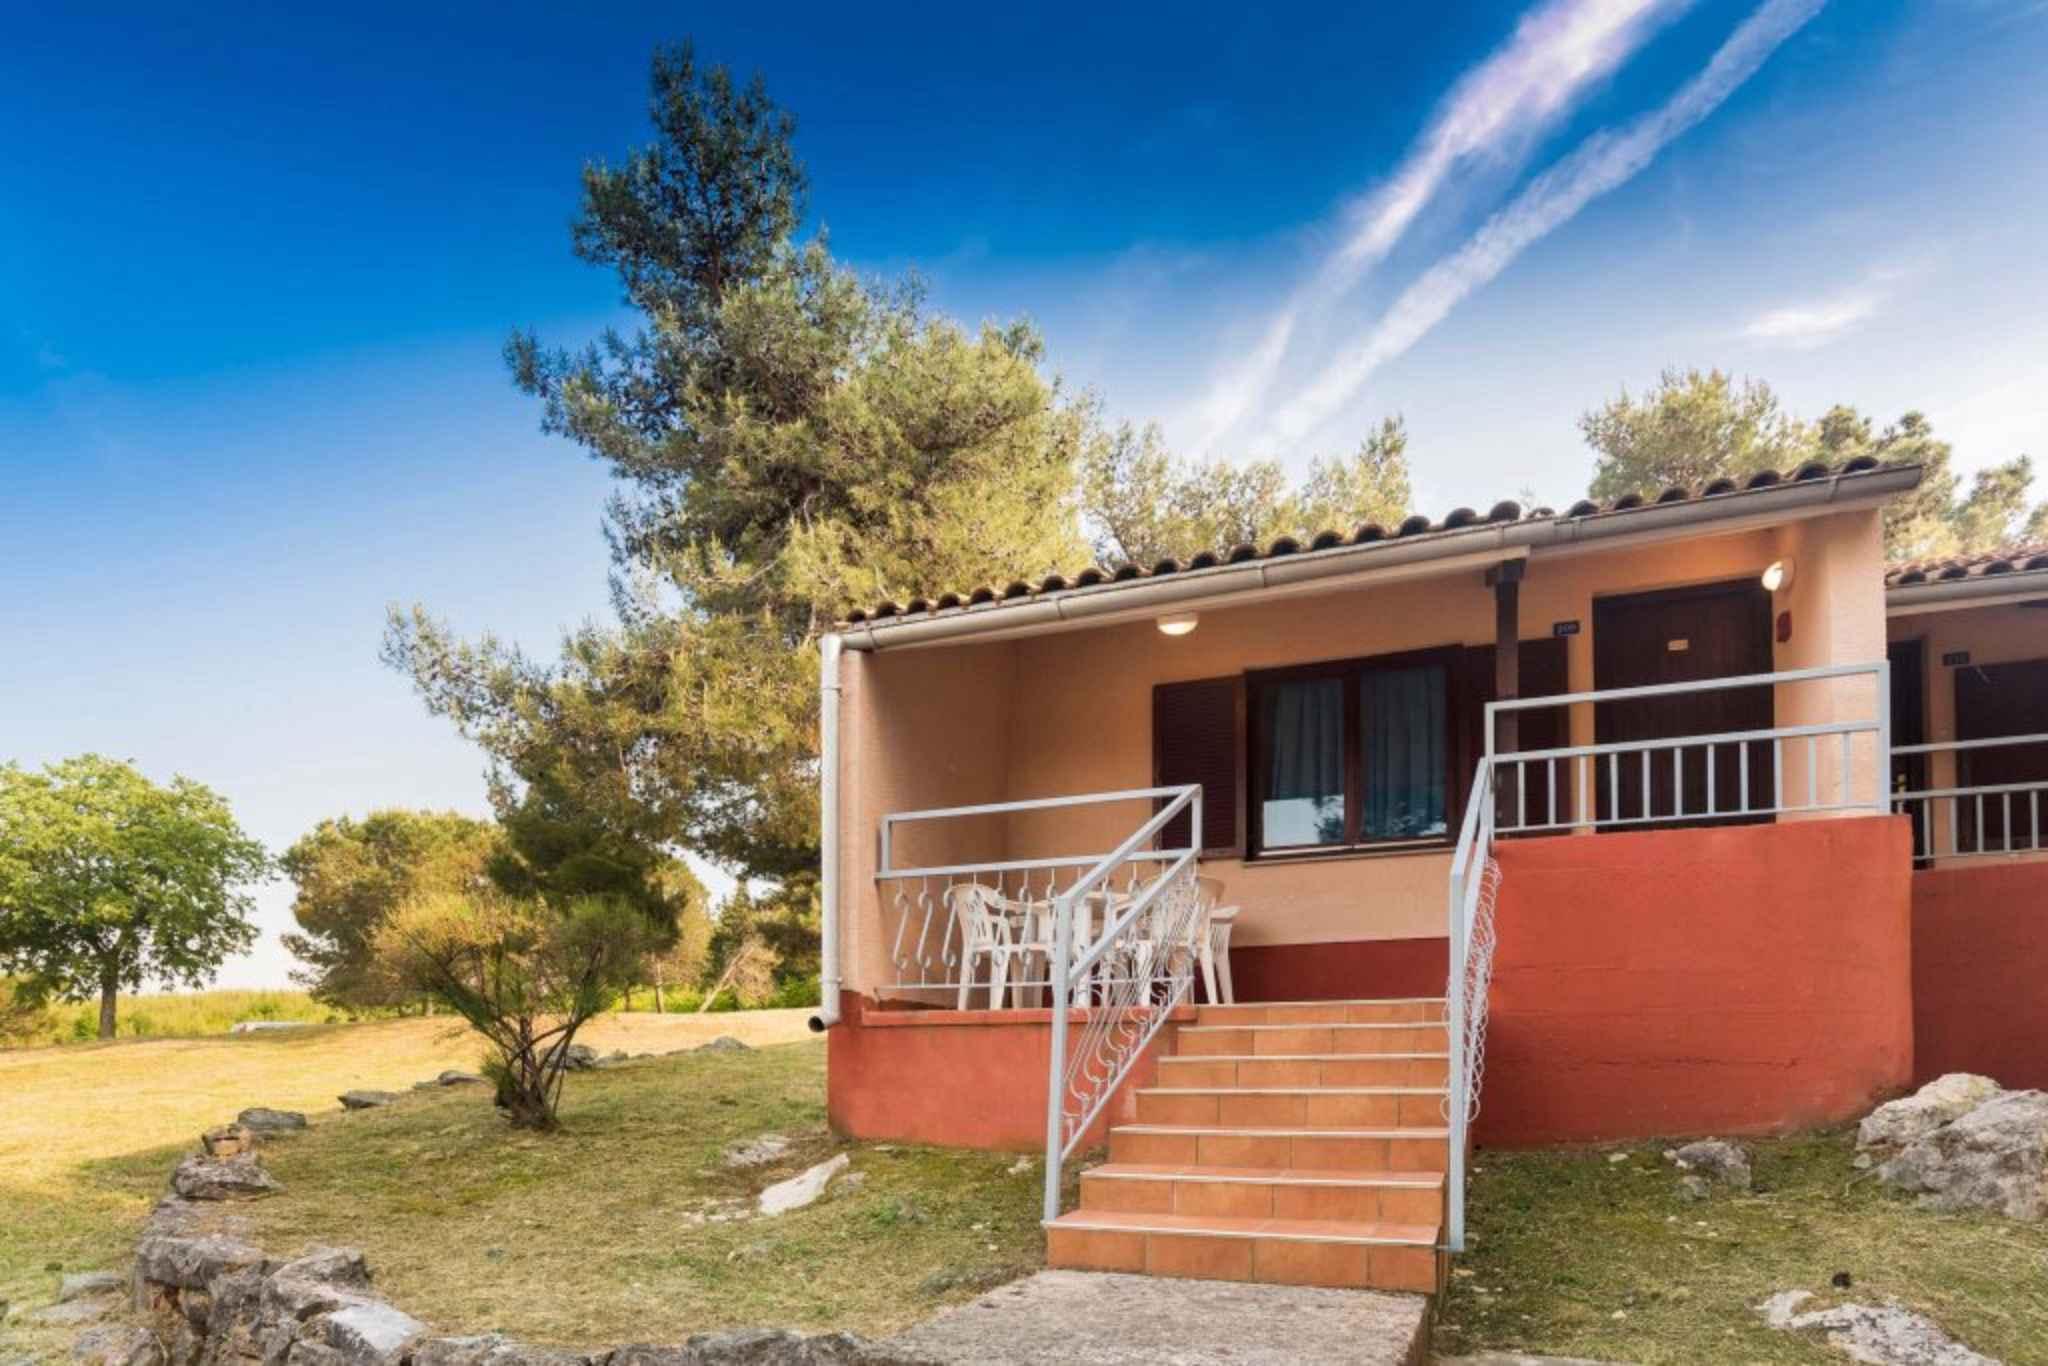 Ferienhaus Bungalow in der Ferienanlage Kanegra (281162), Umag, , Istrien, Kroatien, Bild 1